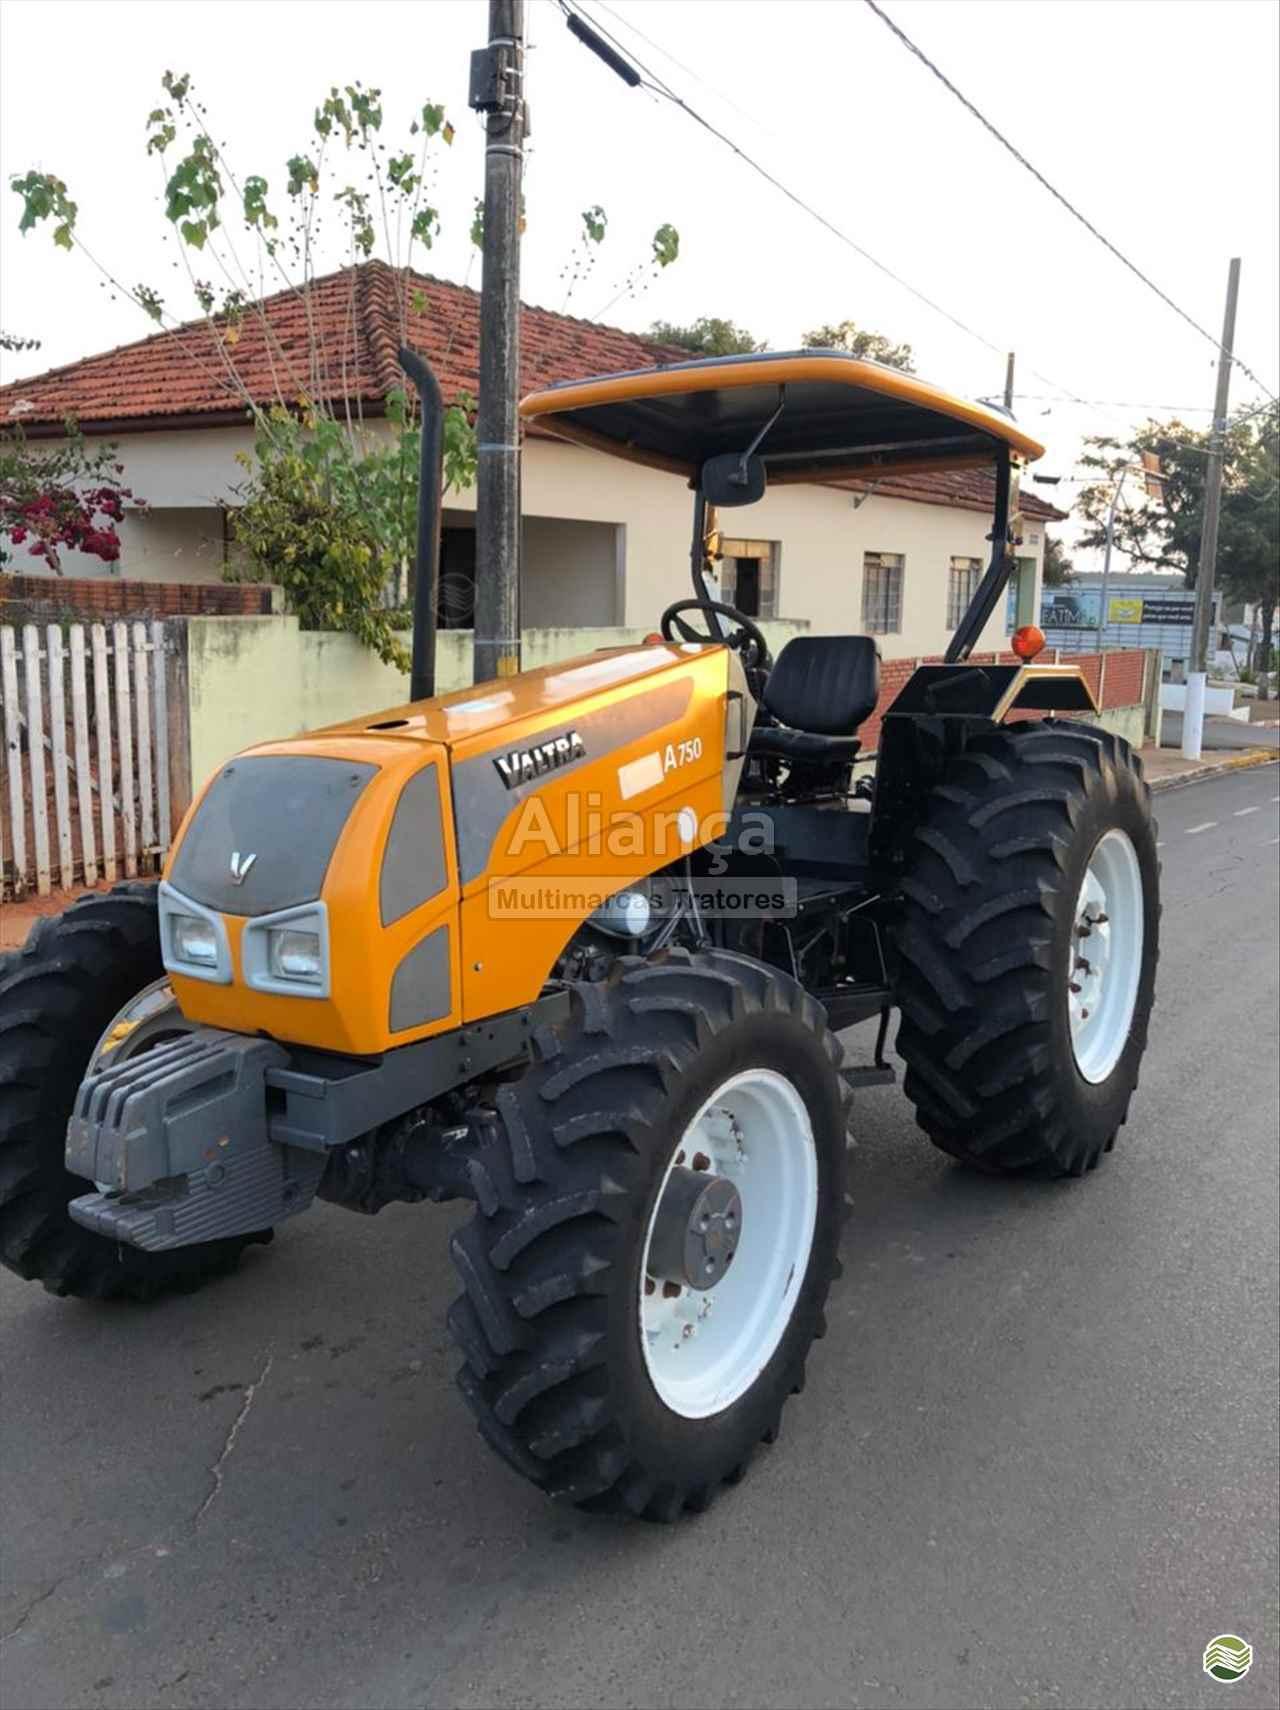 TRATOR VALTRA VALTRA A750 Tração 4x4 Aliança Multimarcas Tratores UBIRAJARA SÃO PAULO SP